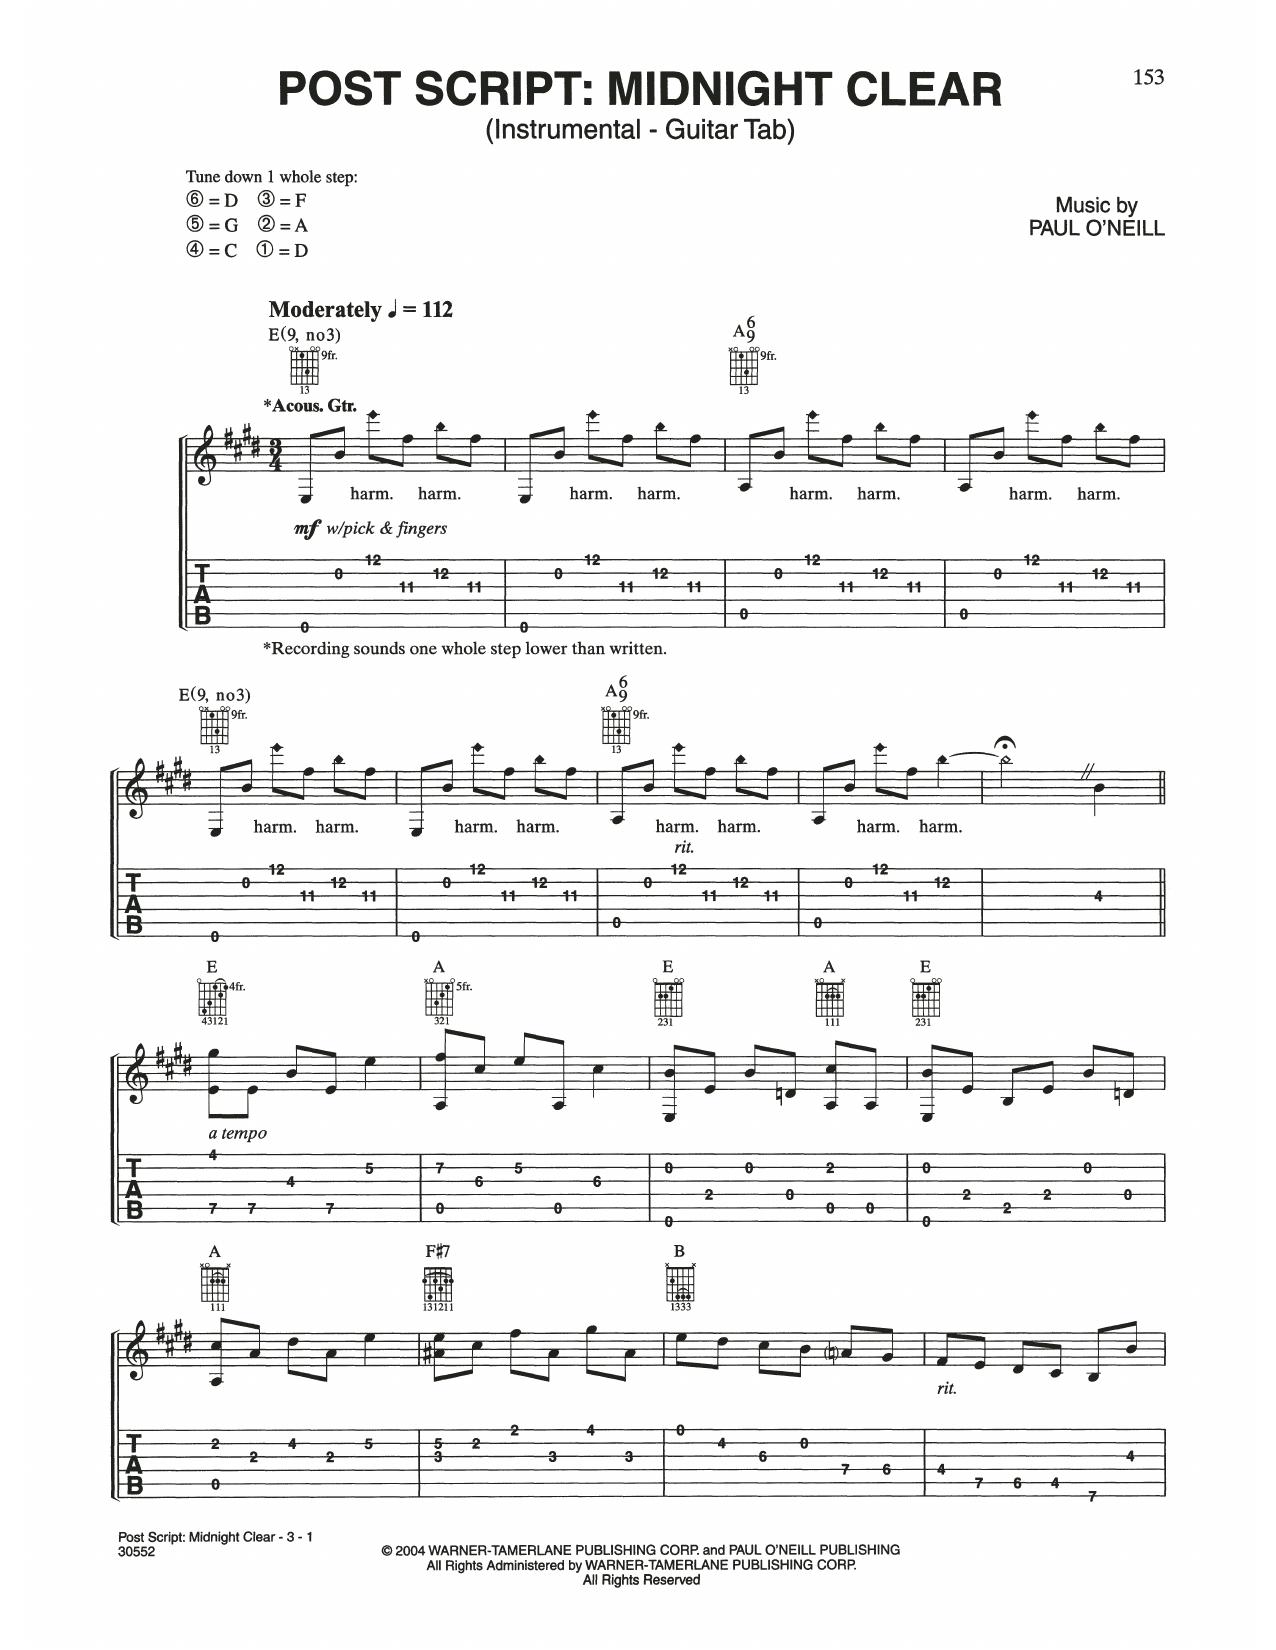 Post Script: Midnight Clear (Guitar Tab)